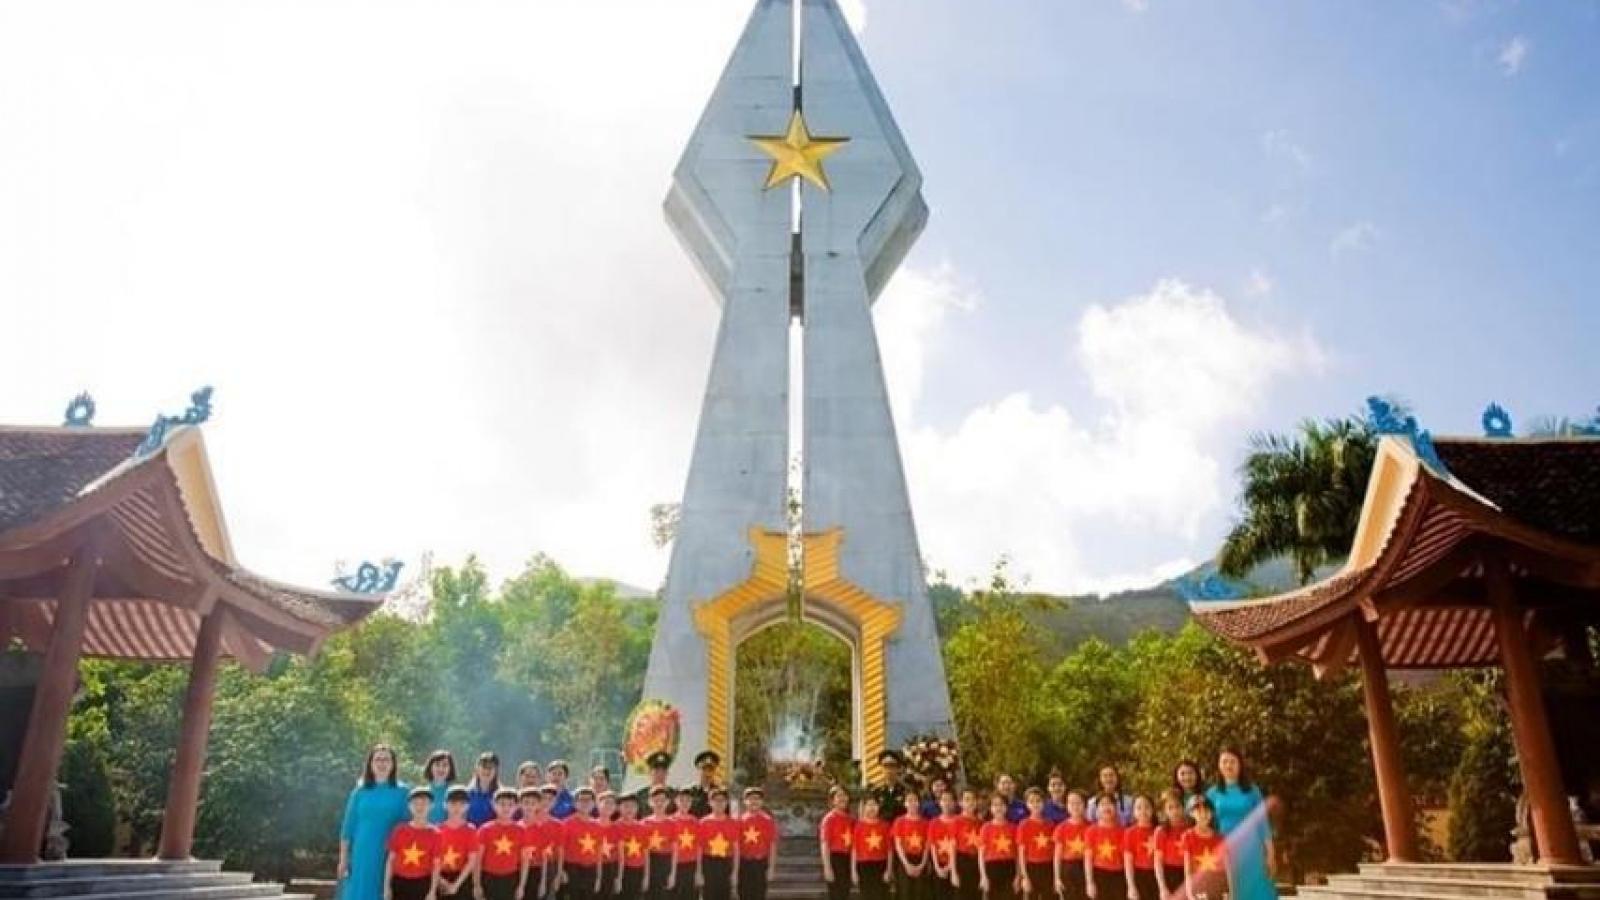 Quảng Ninh: Hàng loạt ưu đãi hấp dẫn để kích cầu du lịch